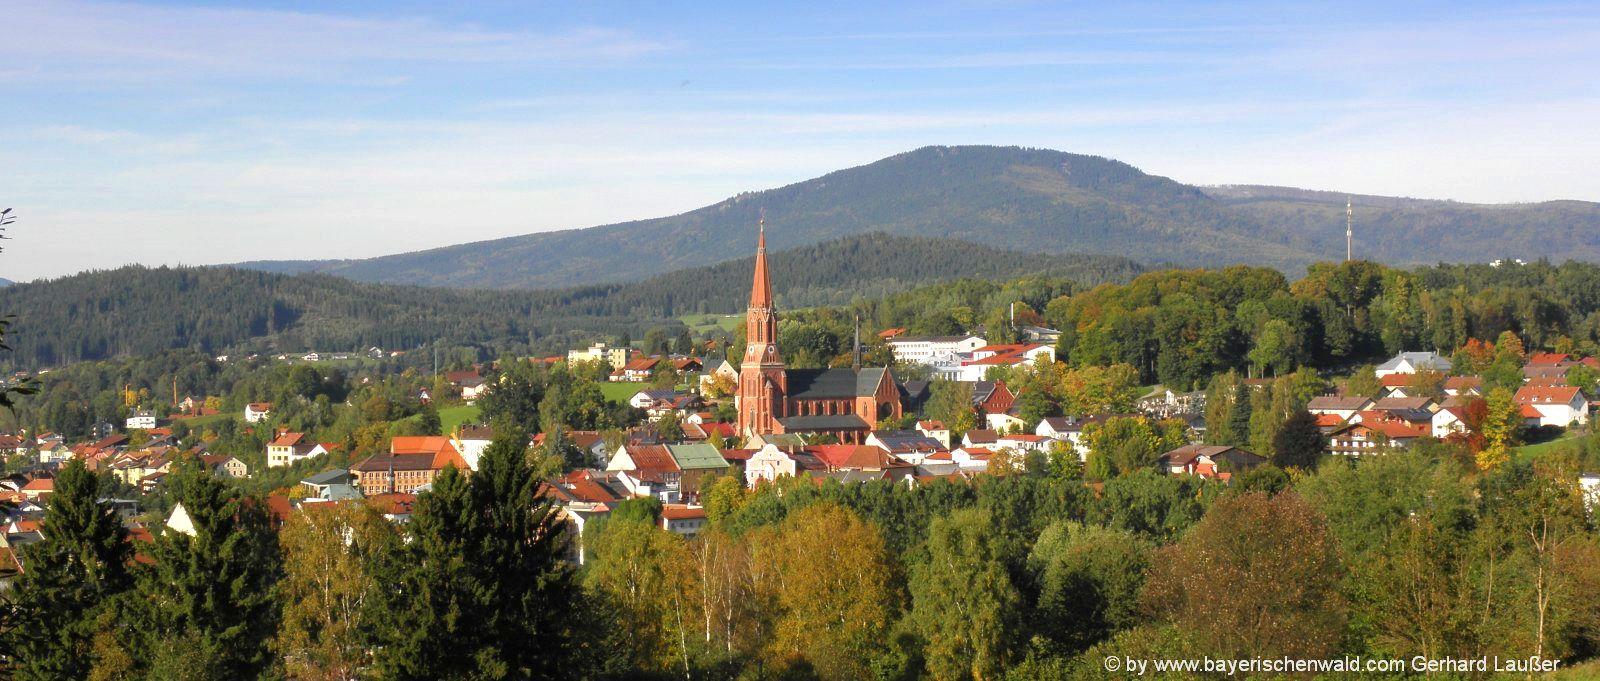 Bayerischer Wald Chalets